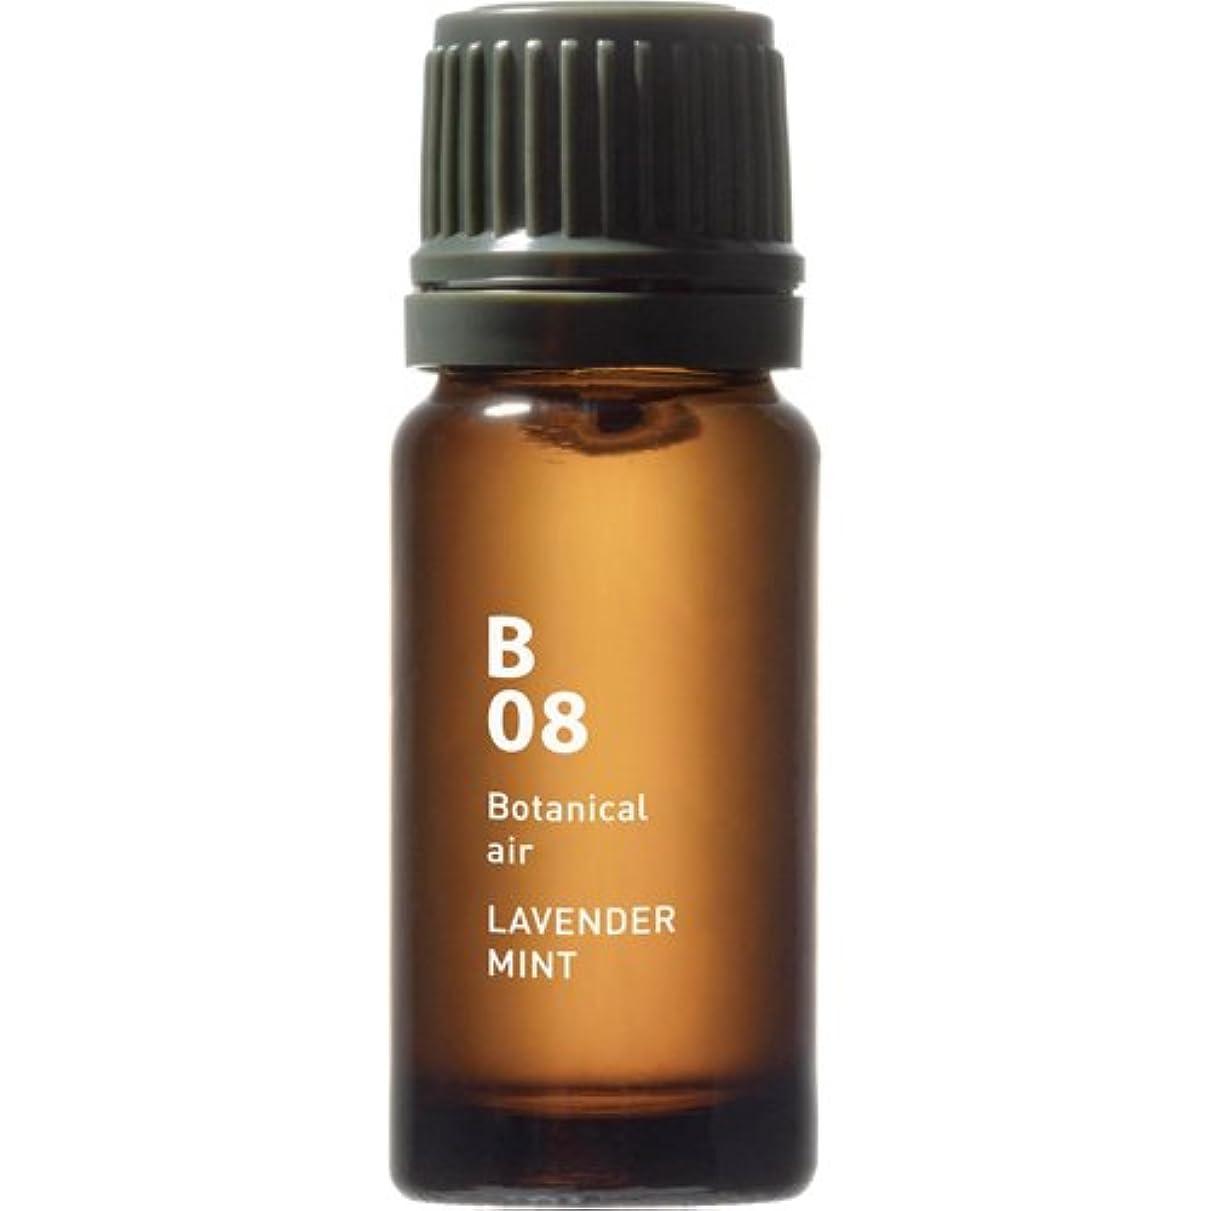 素晴らしい良い多くの番号飲料B08 ラベンダーミント Botanical air(ボタニカルエアー) 10ml